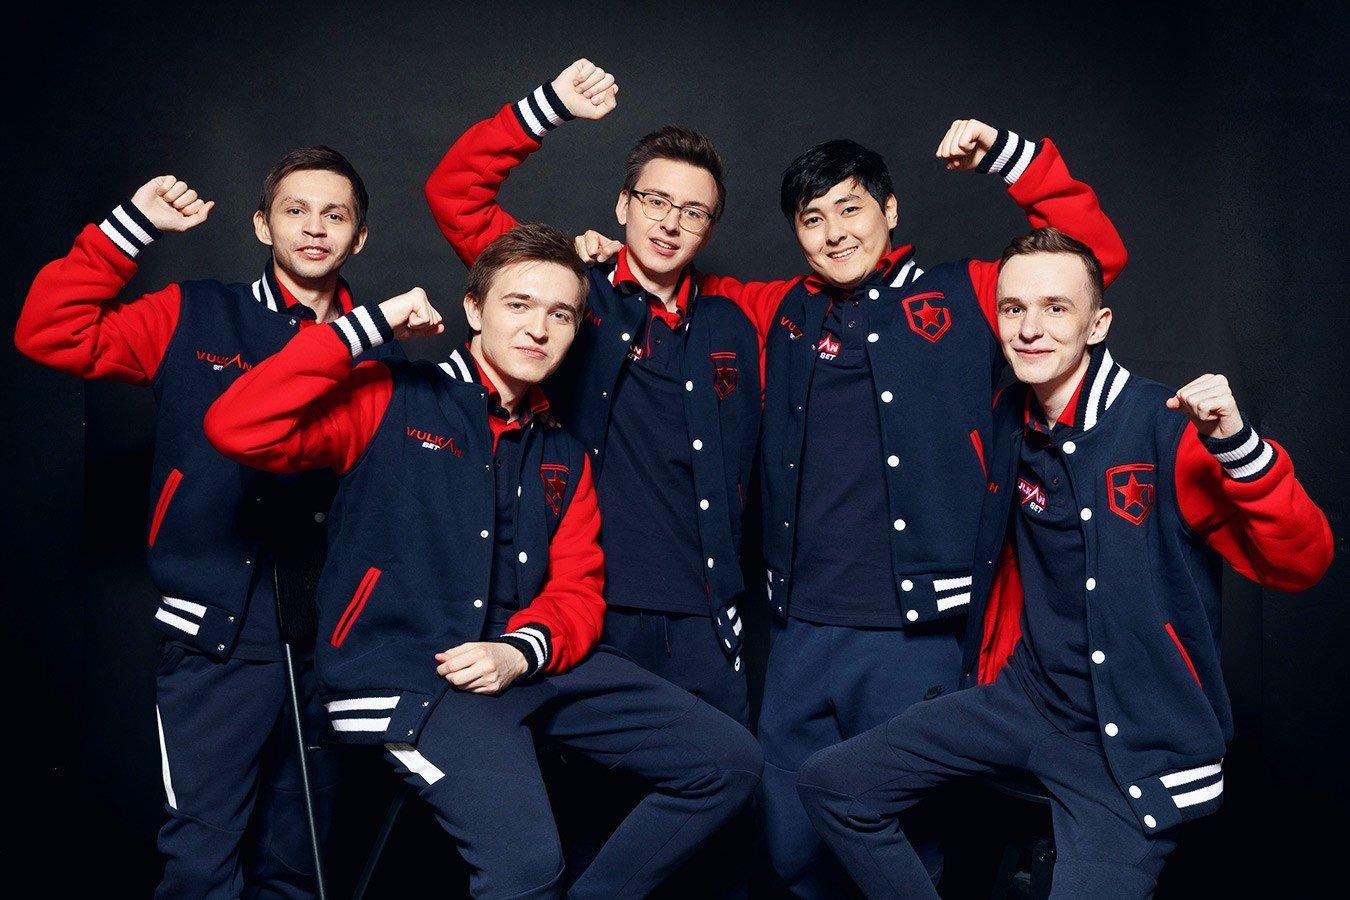 Gambit возглавила рейтинг лучших команд мира по CSGO